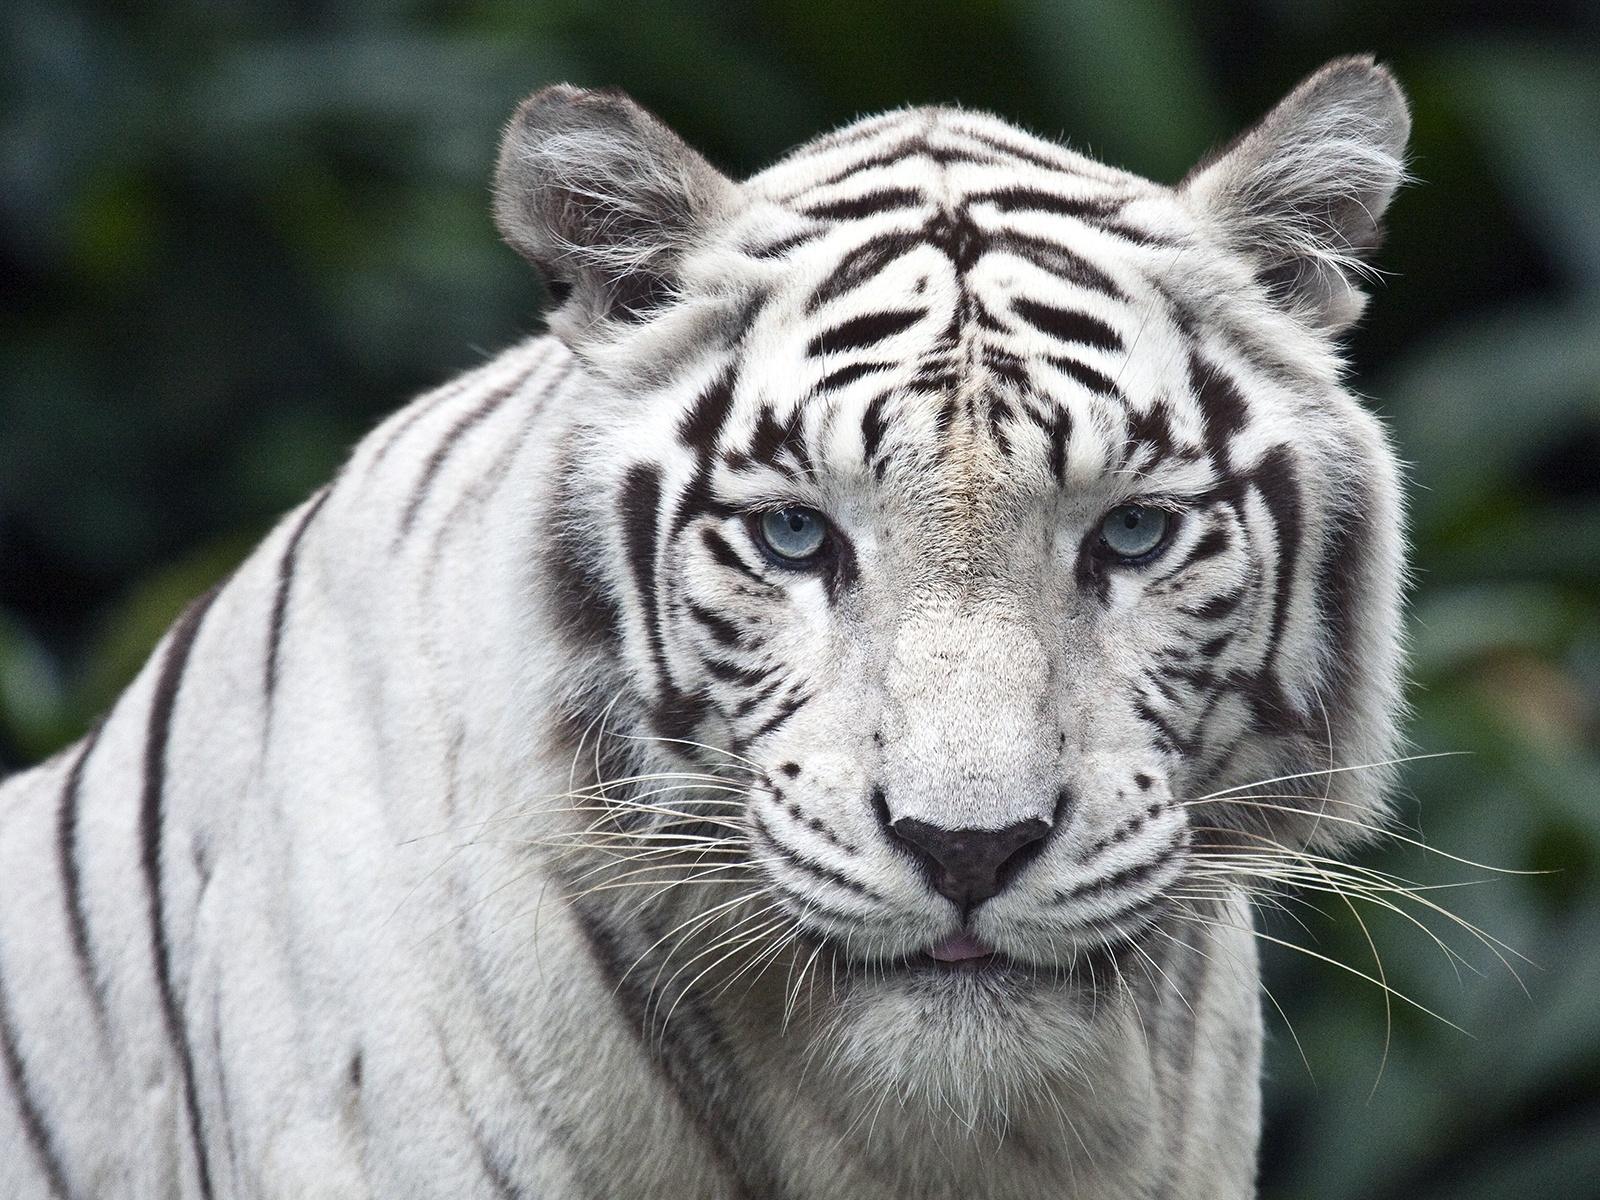 1600x1200 White tiger desktop PC and Mac wallpaper 1600x1200